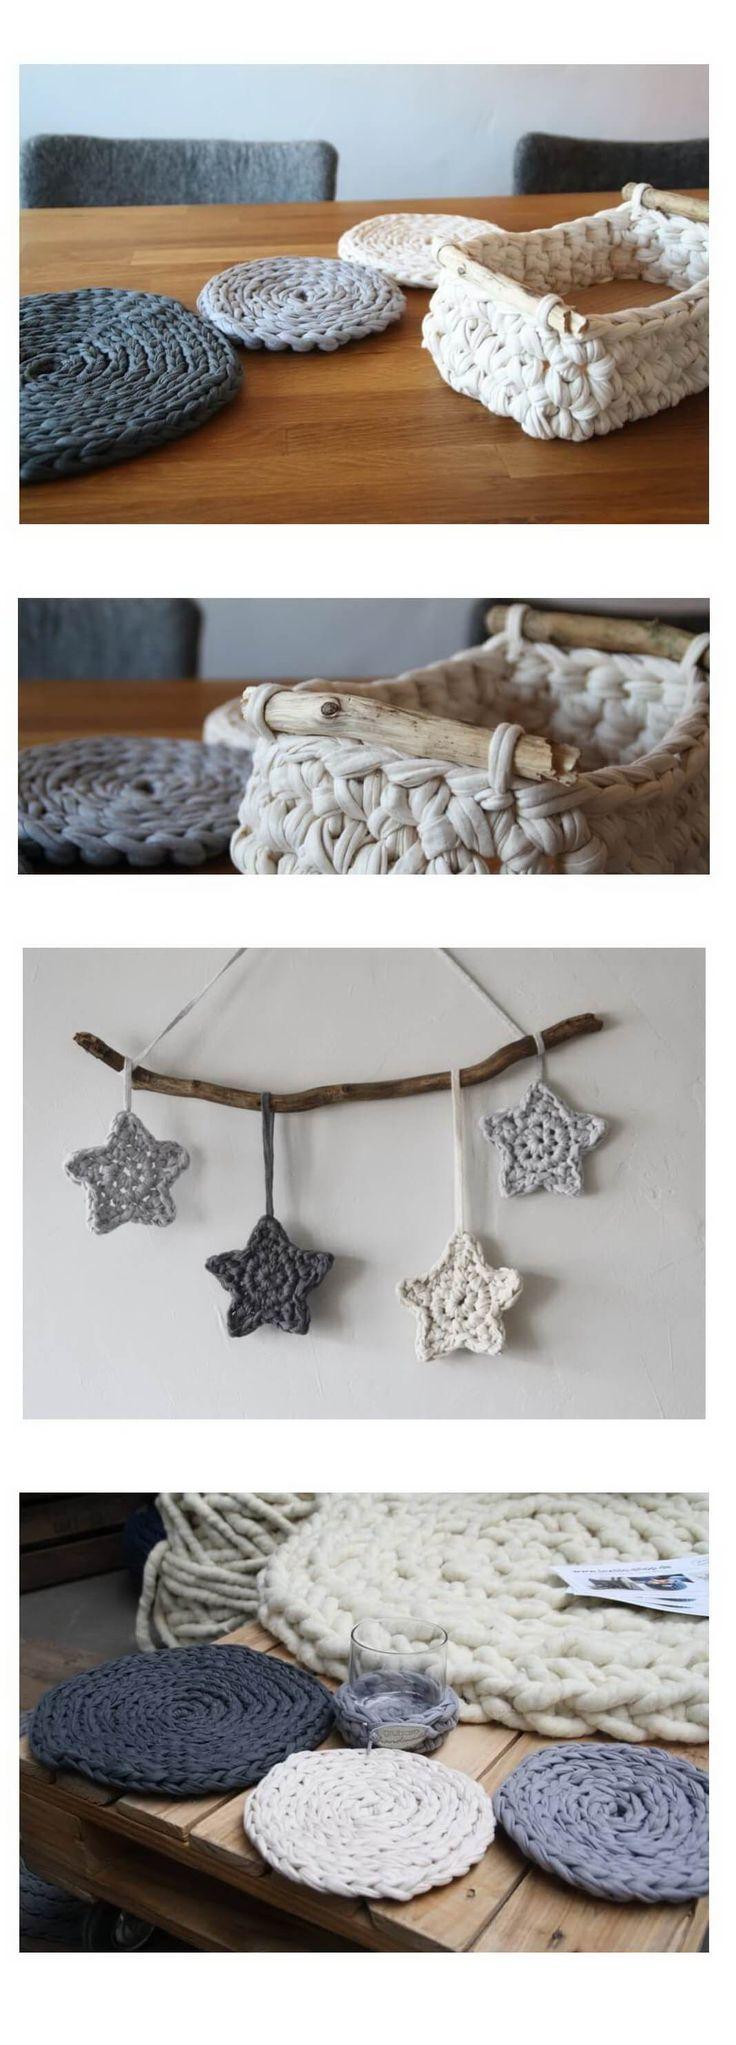 Mit dieser Kombination aus Treibholz (bzw. Holz im Allgemeinen) und Textilgarn, verarbeitet zu einem Häkelkorb, möchte ich mich im neuen Jahr endlich wieder mal mit einem Blogbetrag zurück melden. Dies sind nur einige meiner Projekte der vergangenen Wochen. Der Rest folgt in den nächsten Tagen.